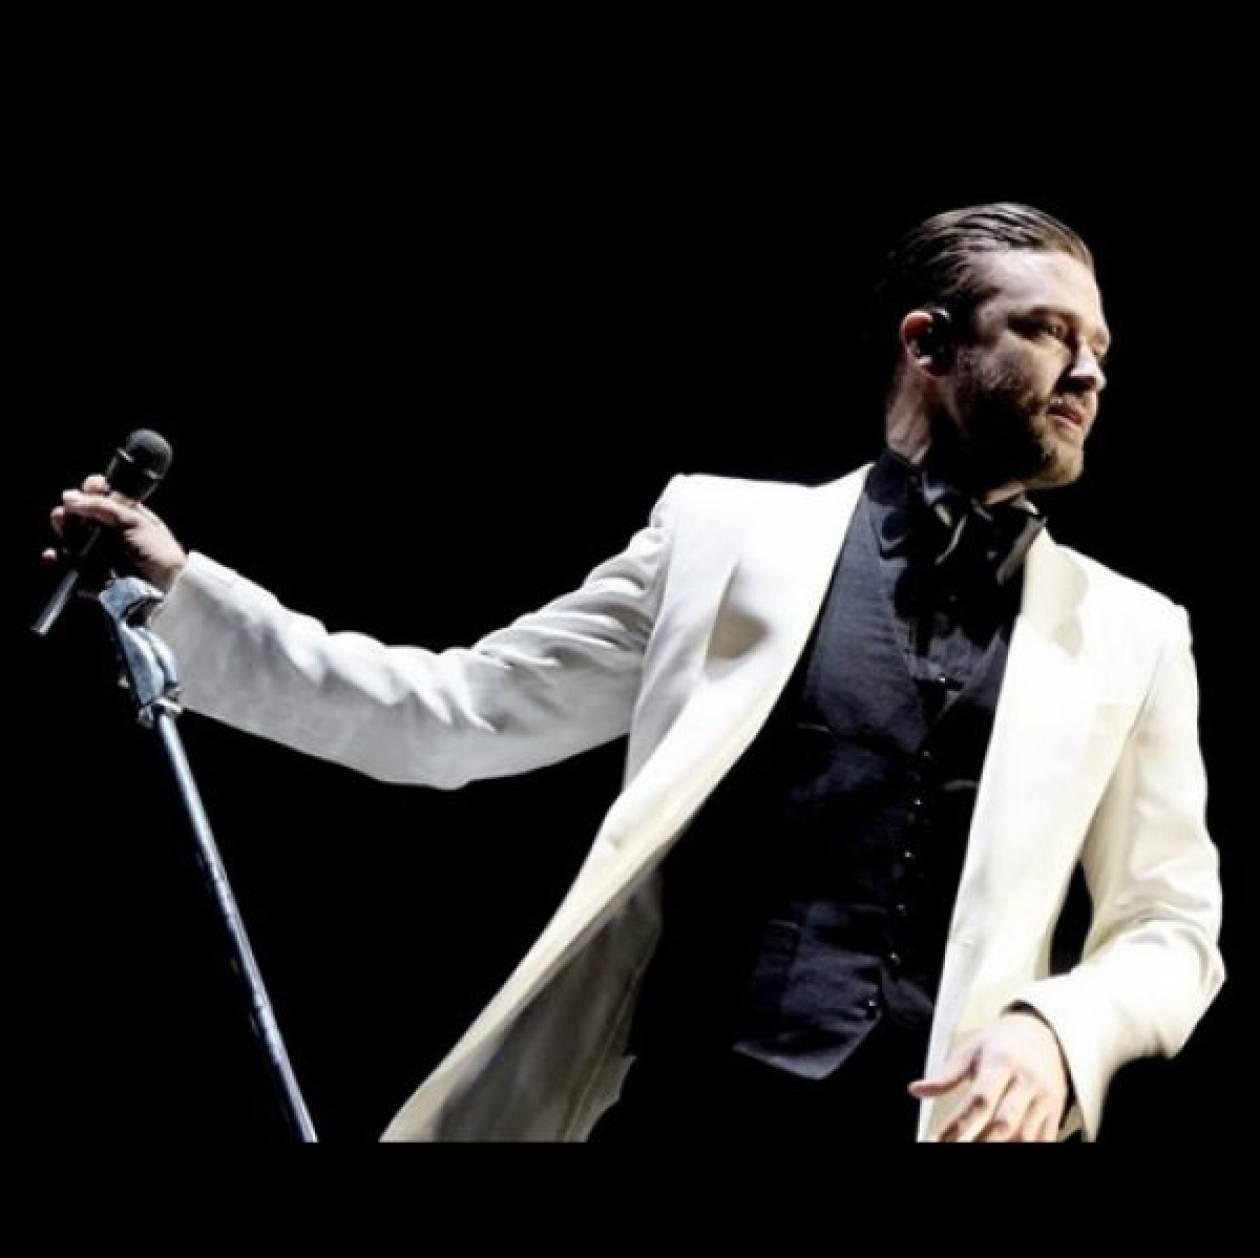 Η άσεμνη συμπεριφορά του Justin Timberlake σε συναυλία που προκάλεσε